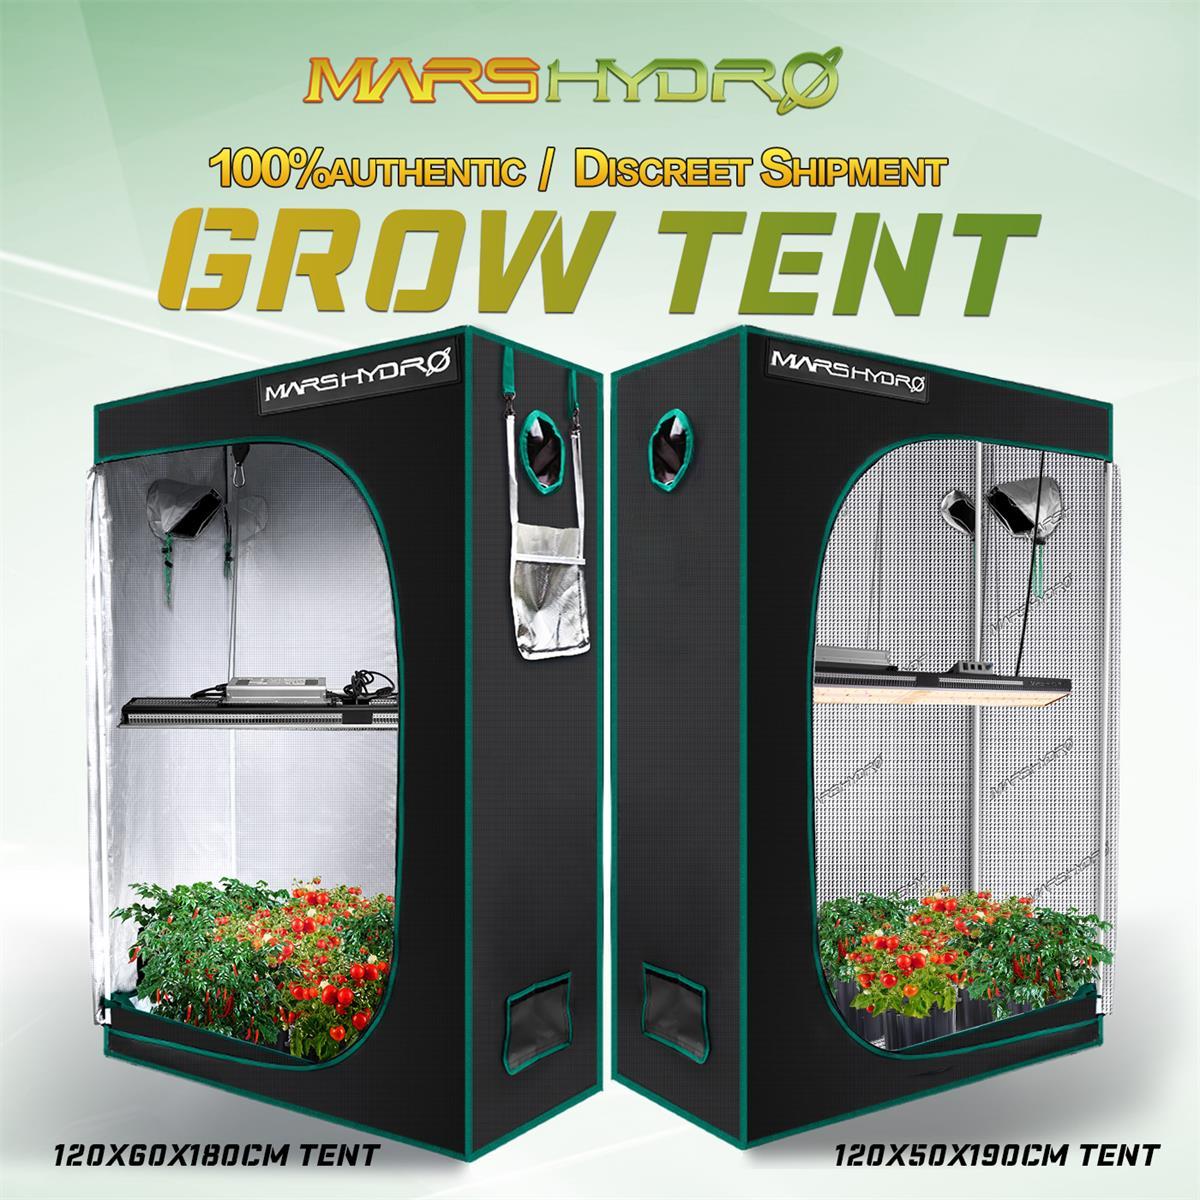 Тент Mars Hydro120x60x180CM и 120x50x190 см для выращивания растений, тент нетоксичный водонепроницаемый светоотражающий для гидропонных систем, комнатны...